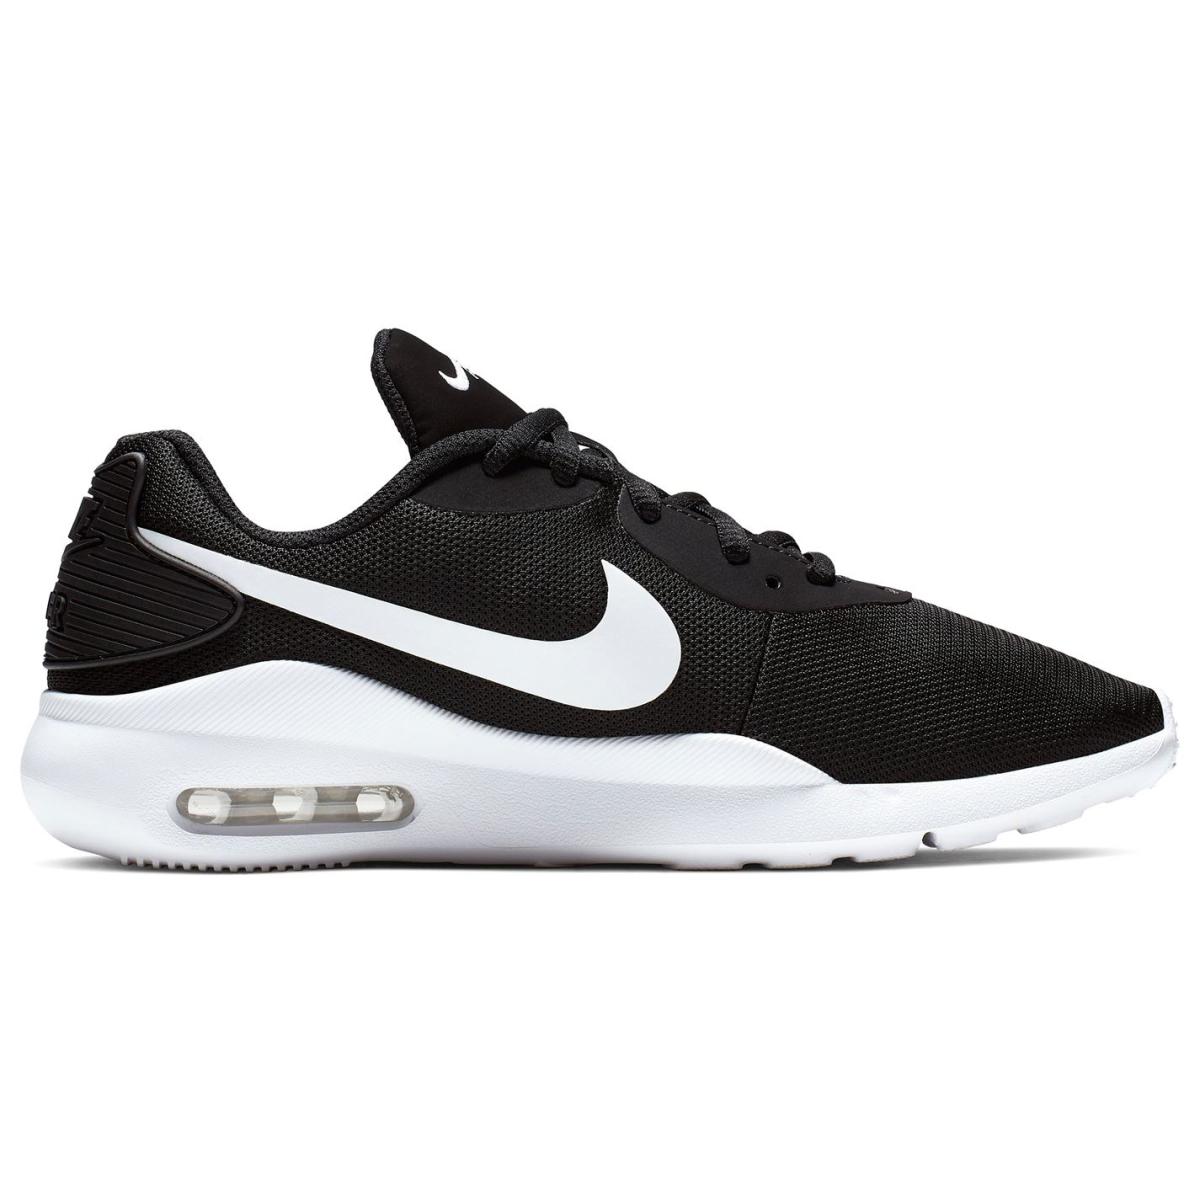 Nike-Air-Max-Oketo-Turnschuhe-Laufschuhe-Damen-Sportschuhe-Sneaker-4034 Indexbild 3